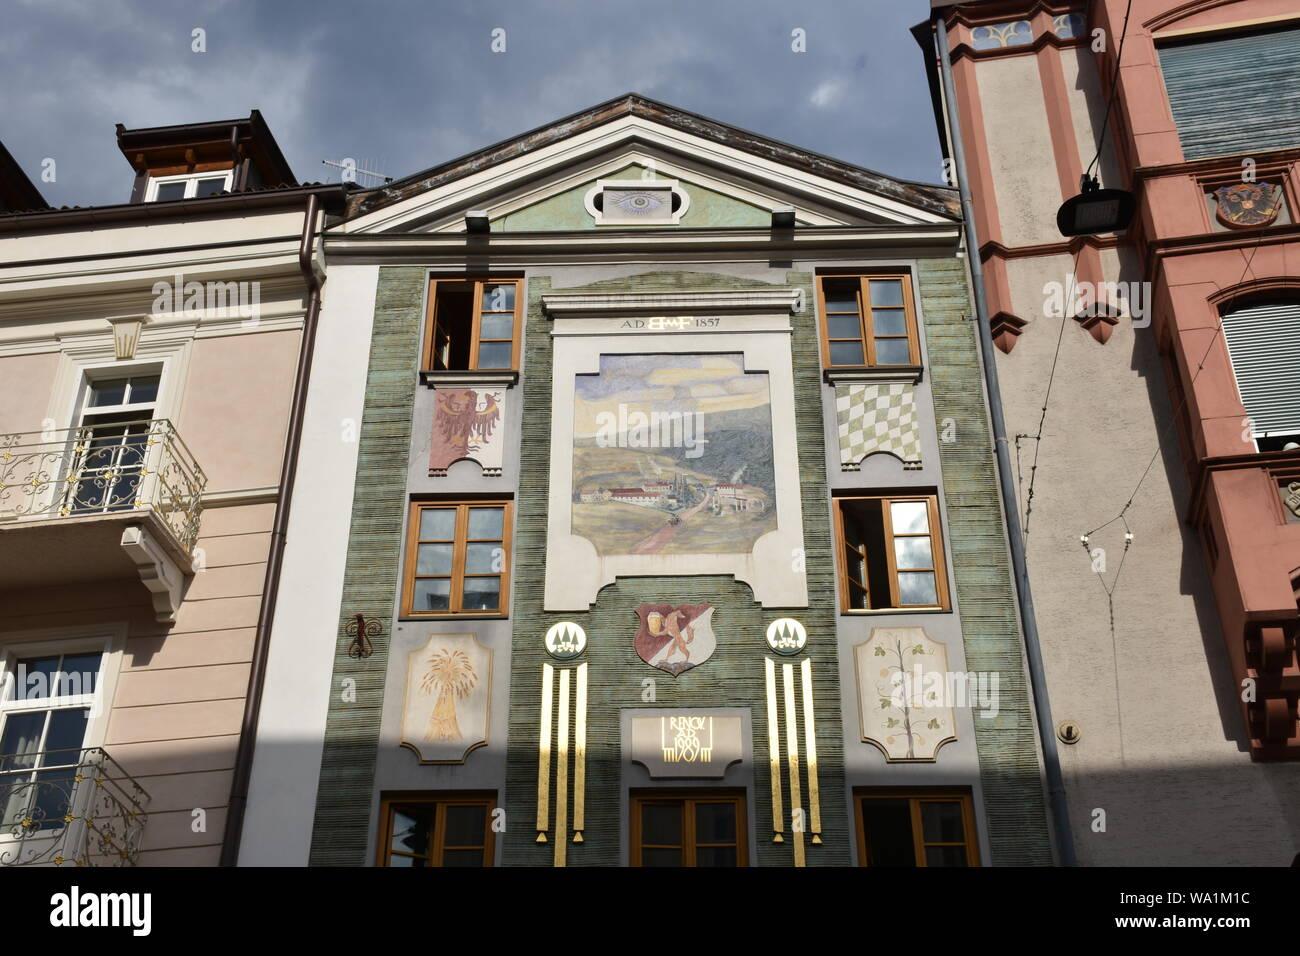 Meran, Südtirol, Kirche, Kirchturm, Zentrum, Stadtzentrum, Bürgerhaus, Bozner Tor, Stadttor, Uhr, Turmuhr, Wahrzeichen, Fresko, Heilige, Italien, Kurs Stock Photo